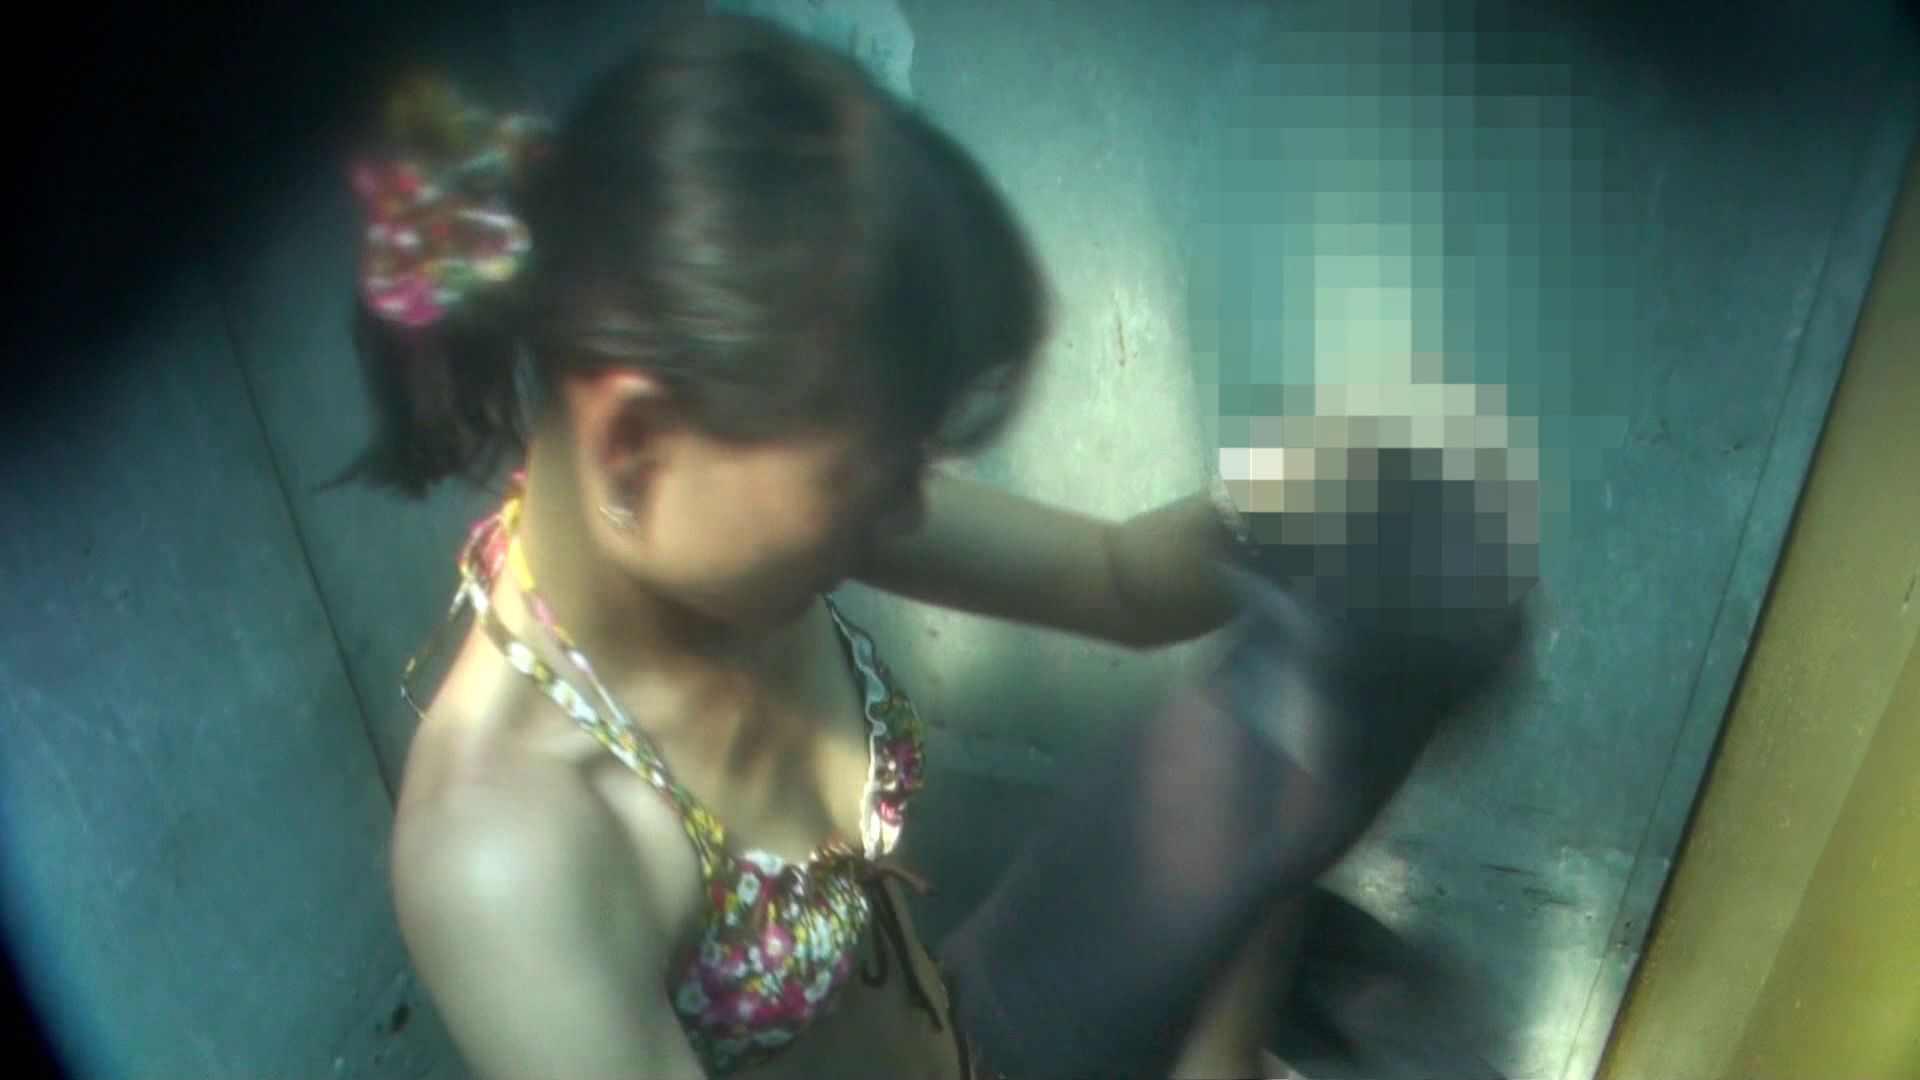 シャワールームは超!!危険な香りVol.16 意外に乳首は年増のそれ エロティックなOL  105画像 90